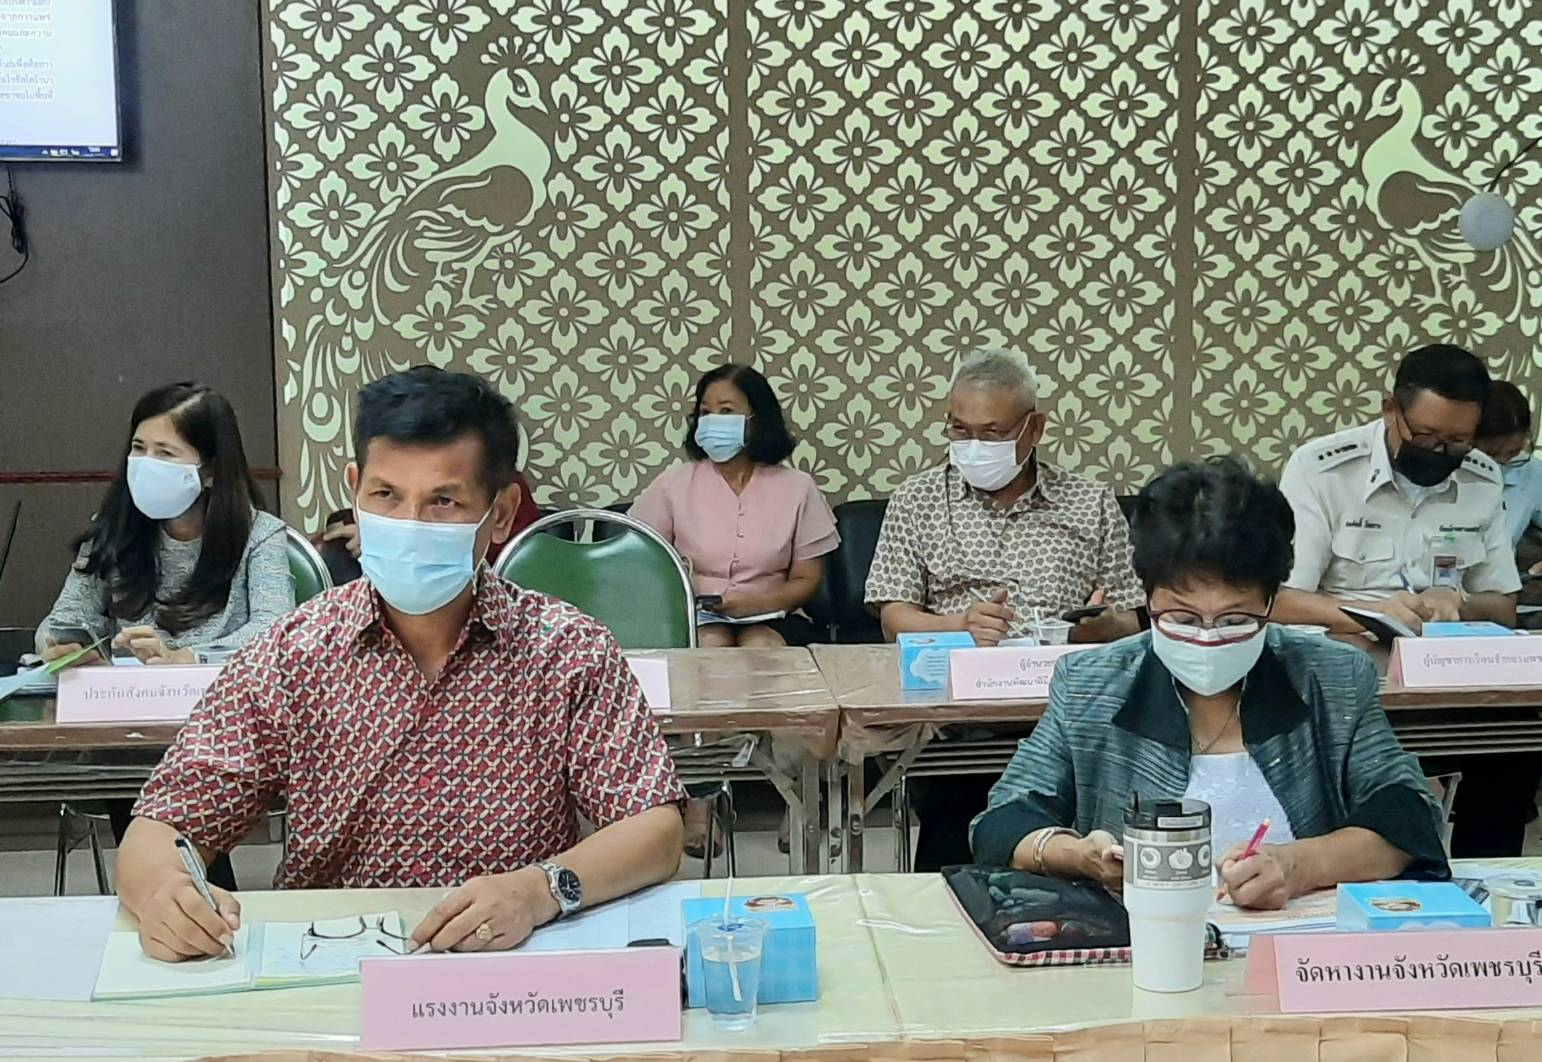 การประชุมคณะกรรมการโรคติดต่อจังหวัดเพชรบุรี